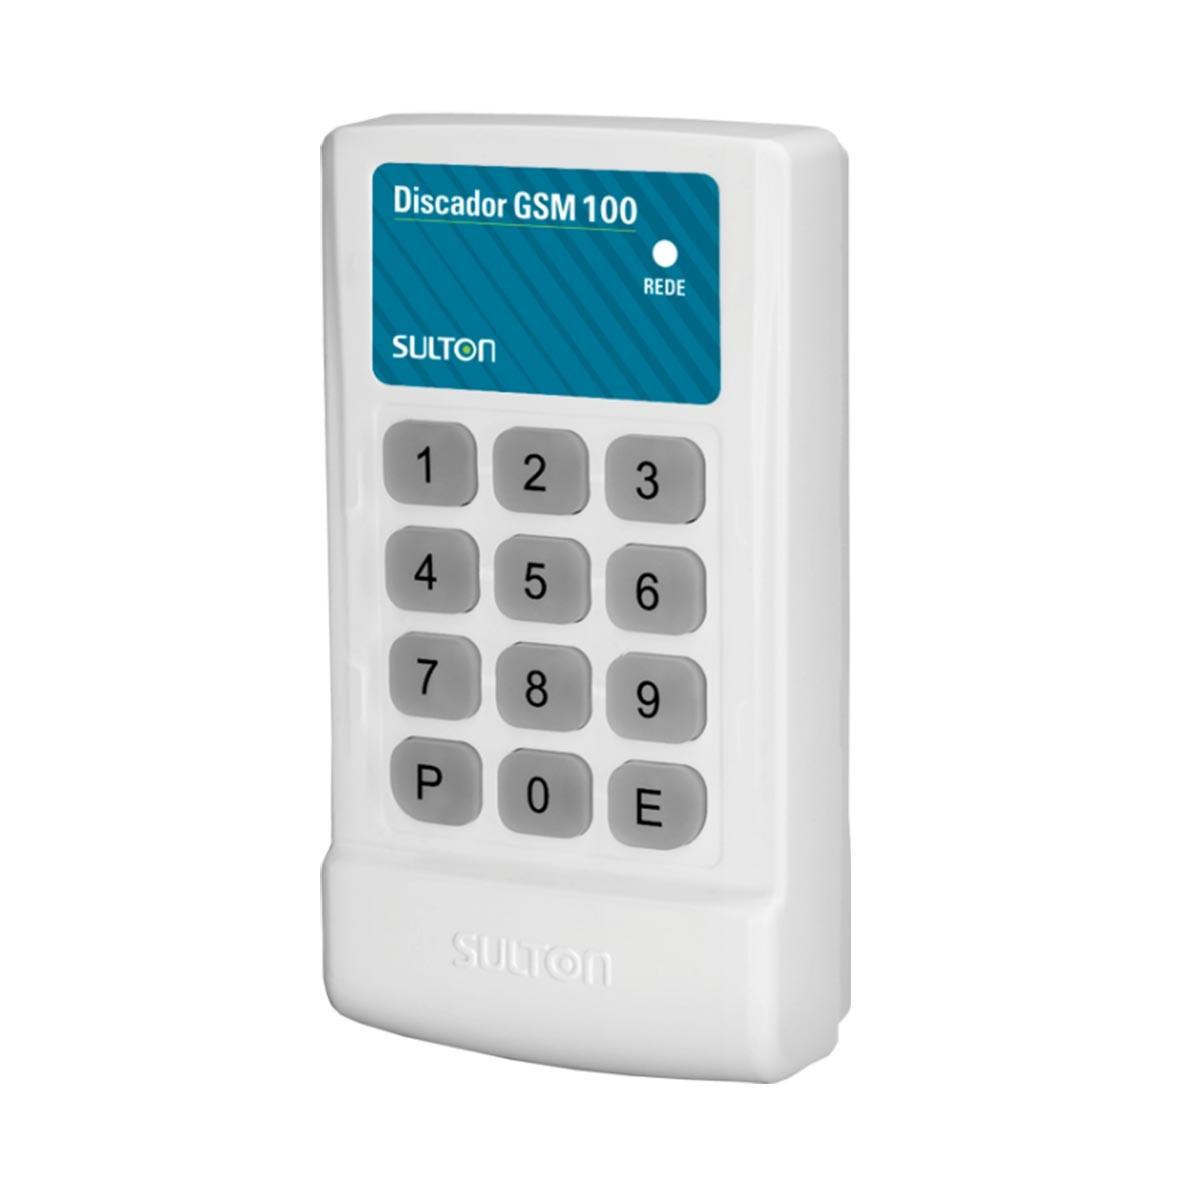 DISCADOR SULTON GSM 100